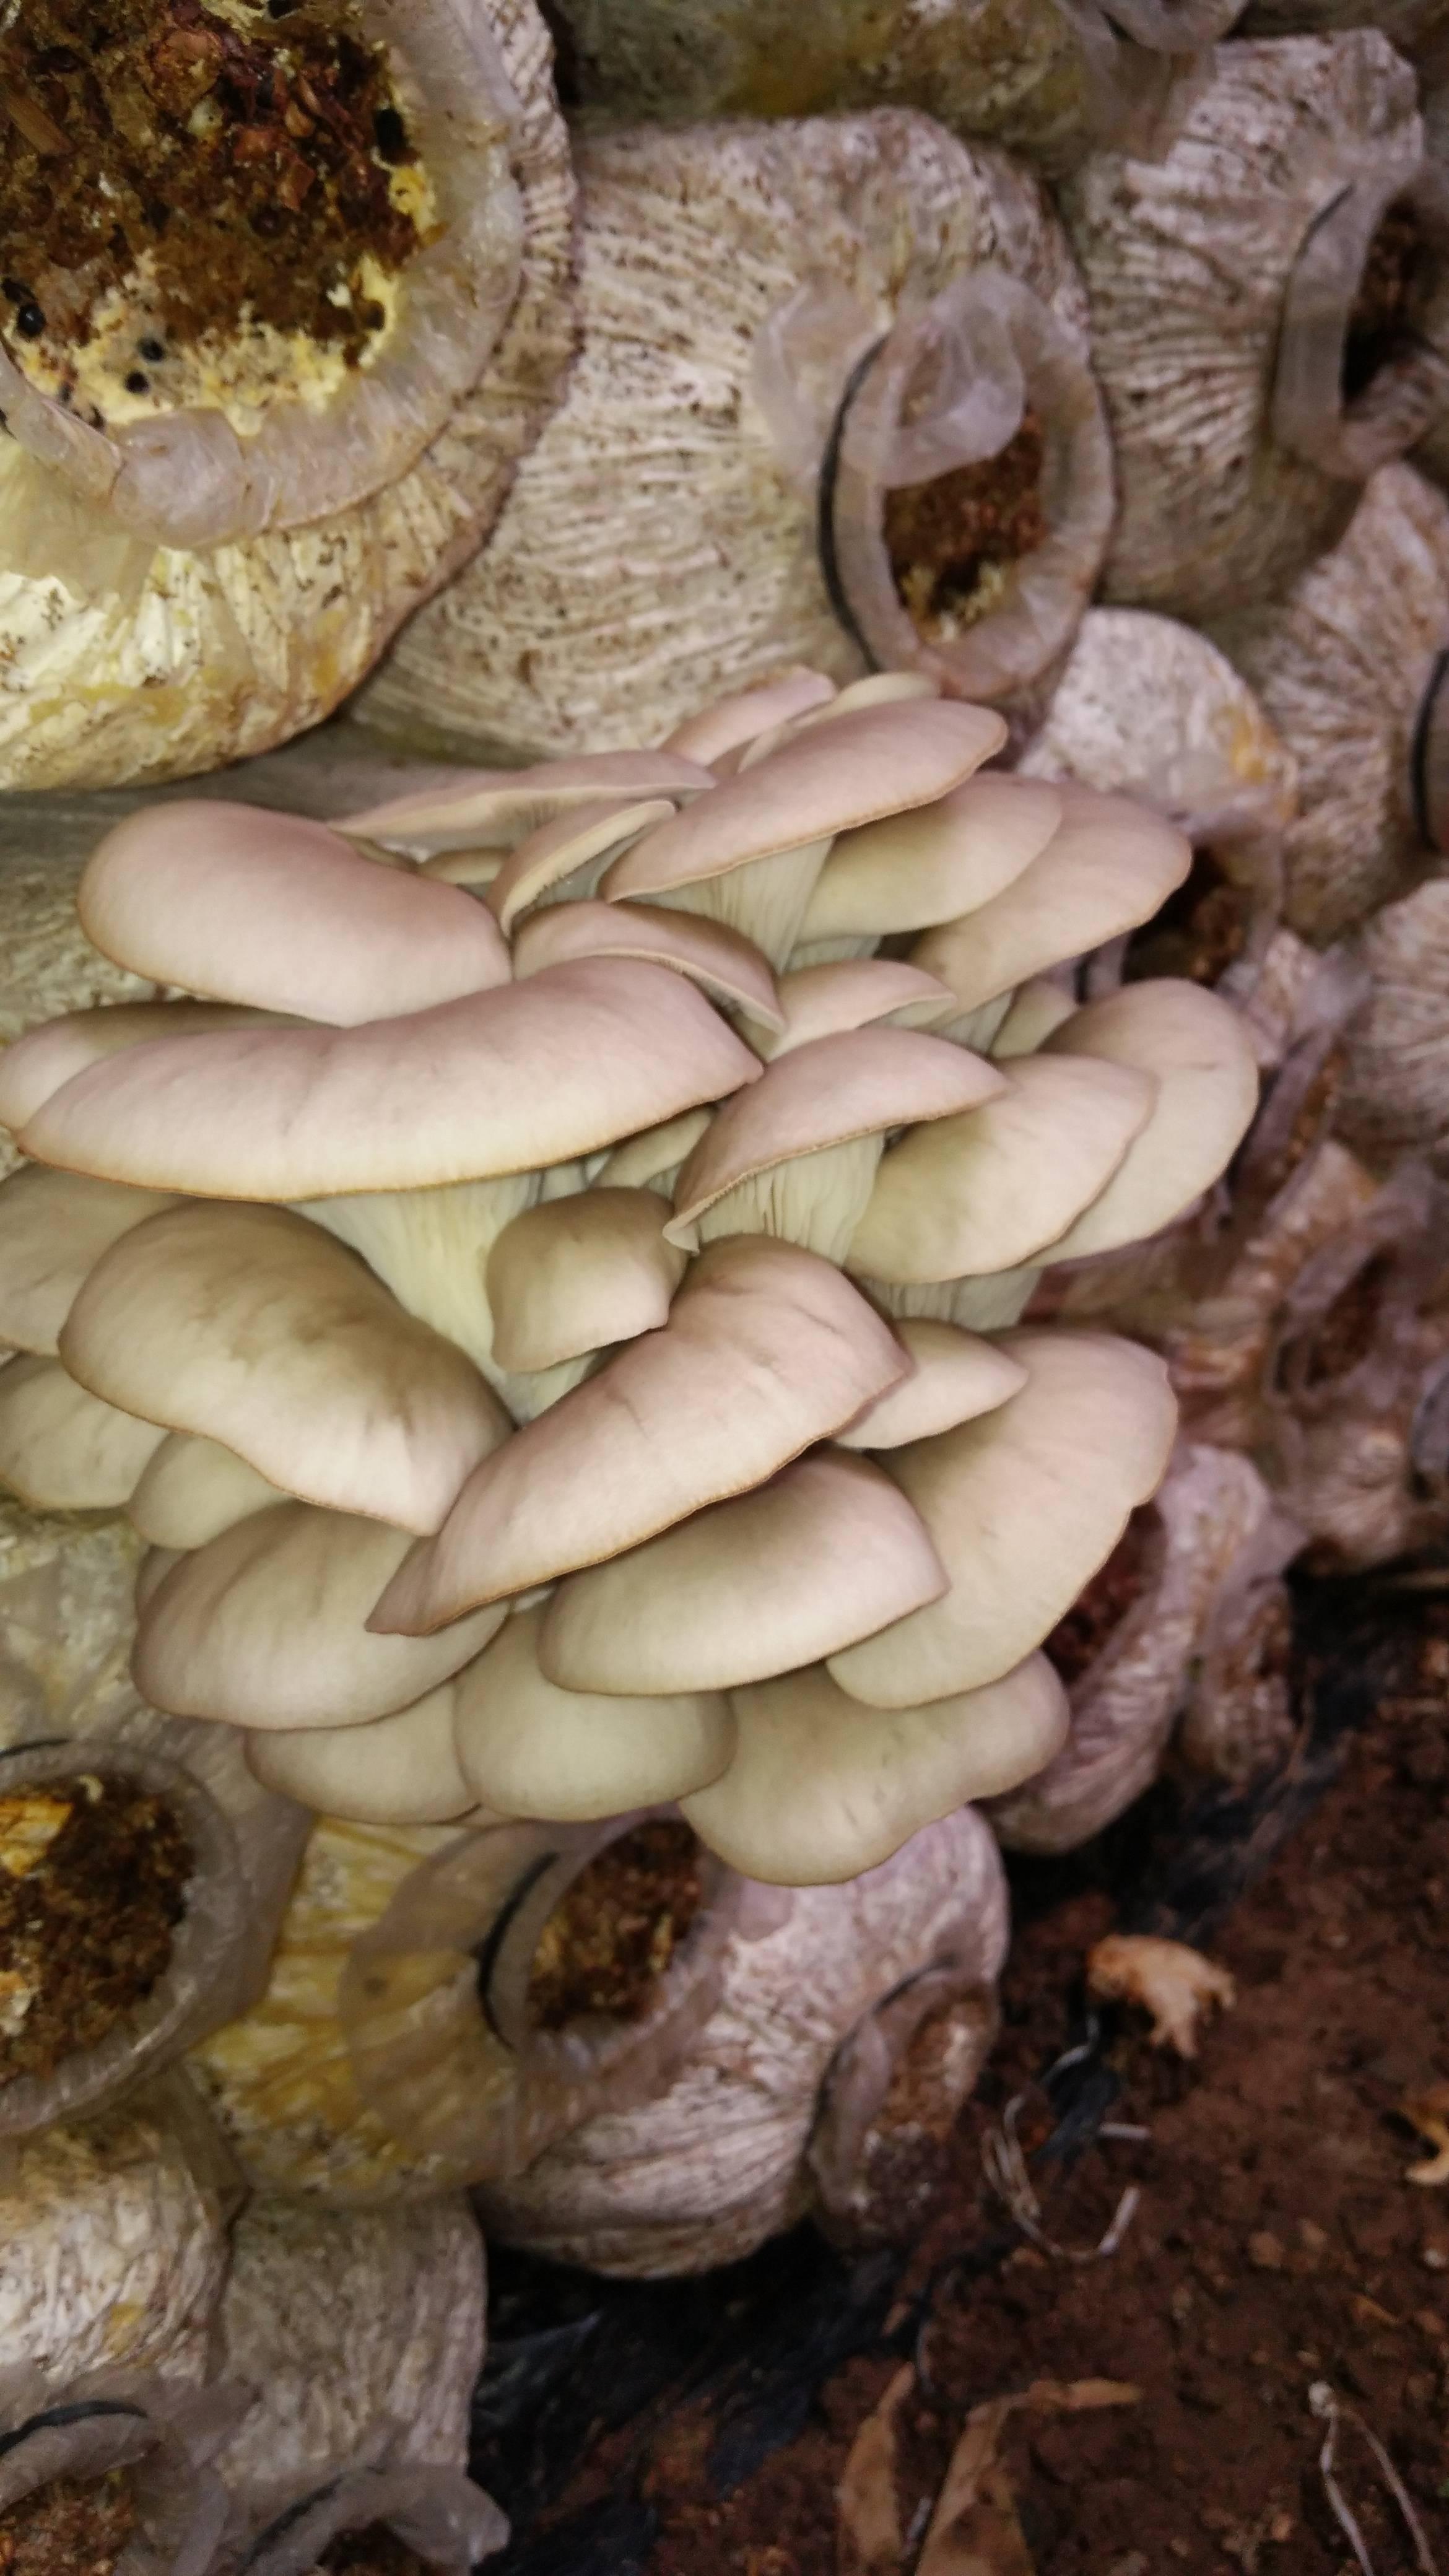 鲜平菇 5-7cm 厚 浅灰色